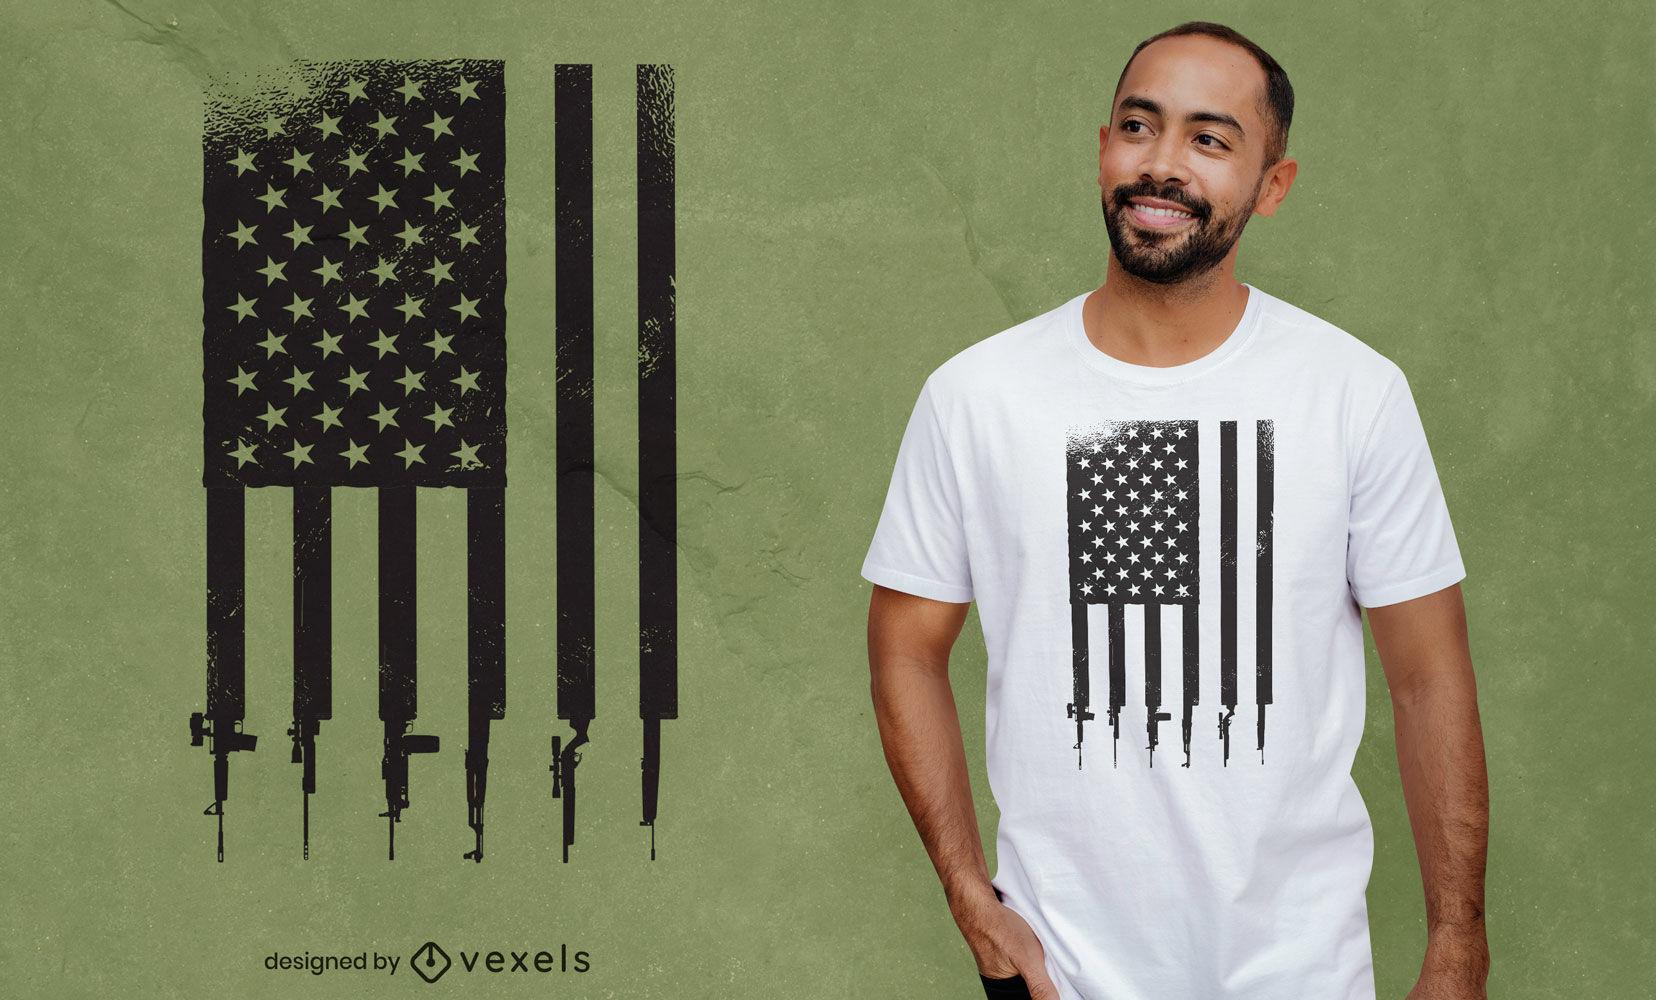 USA-Waffen-Flaggen-T-Shirt-Design